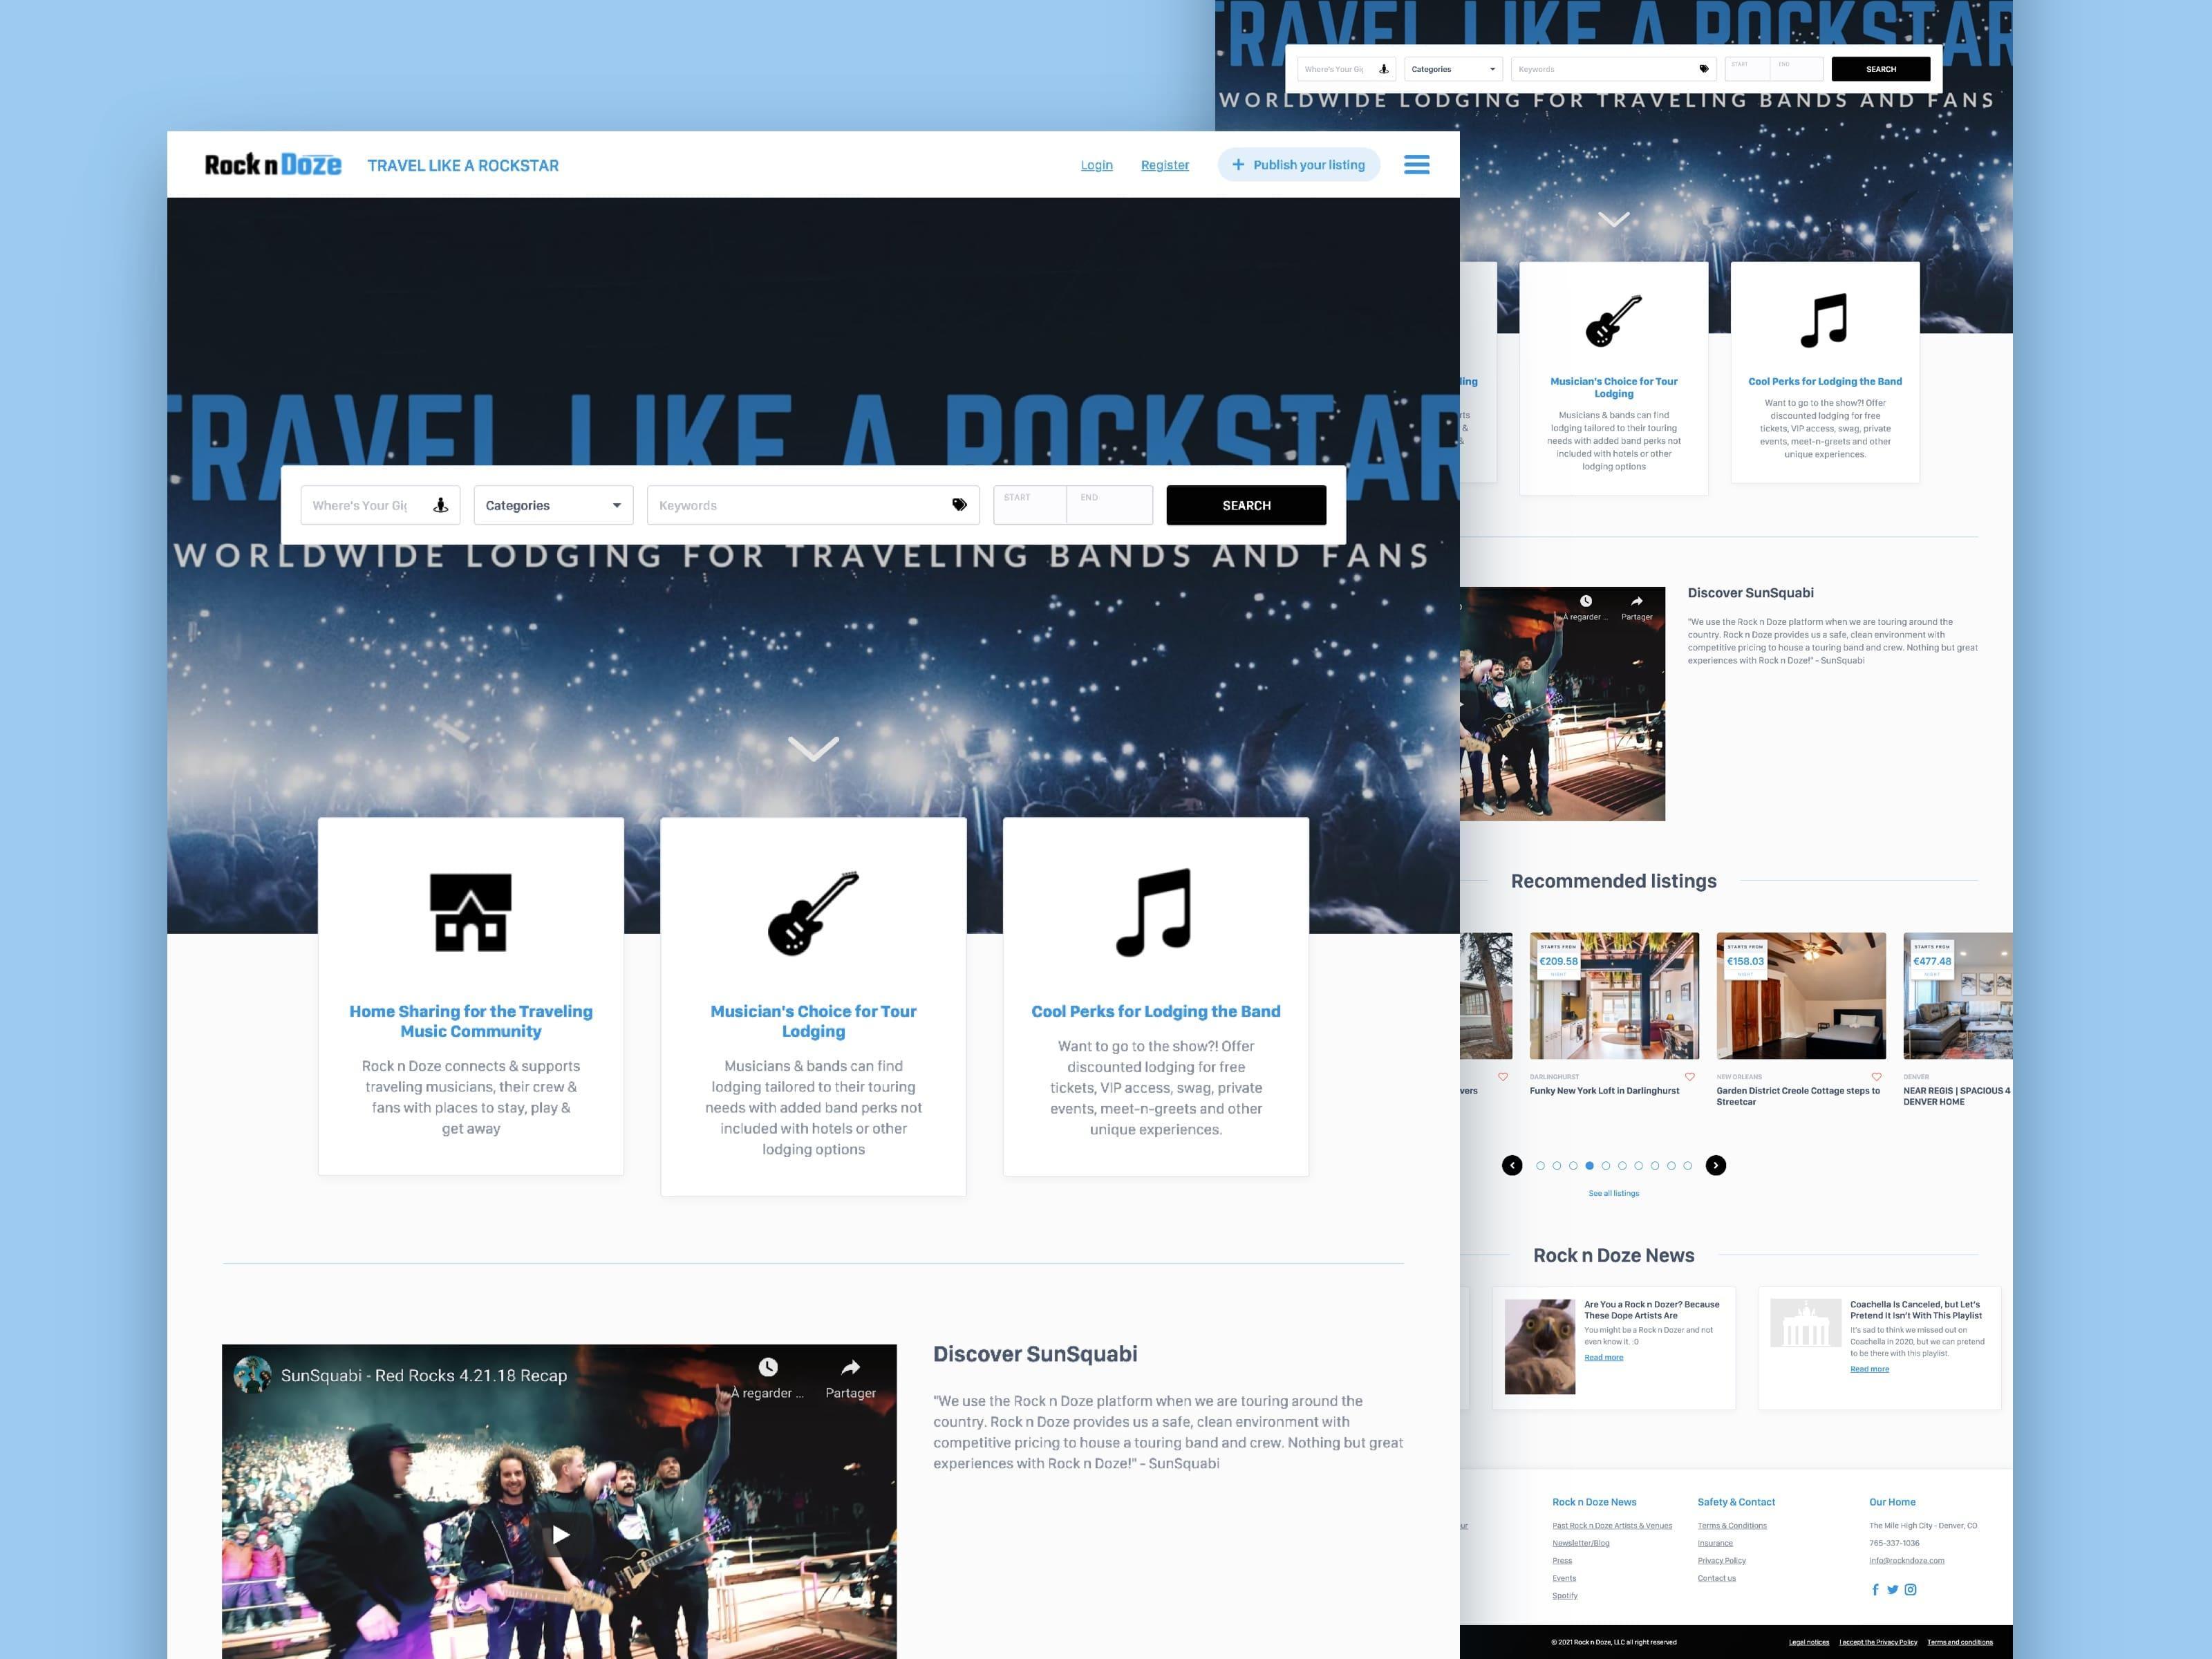 Rock'n'Doze : Travel like a rockstar